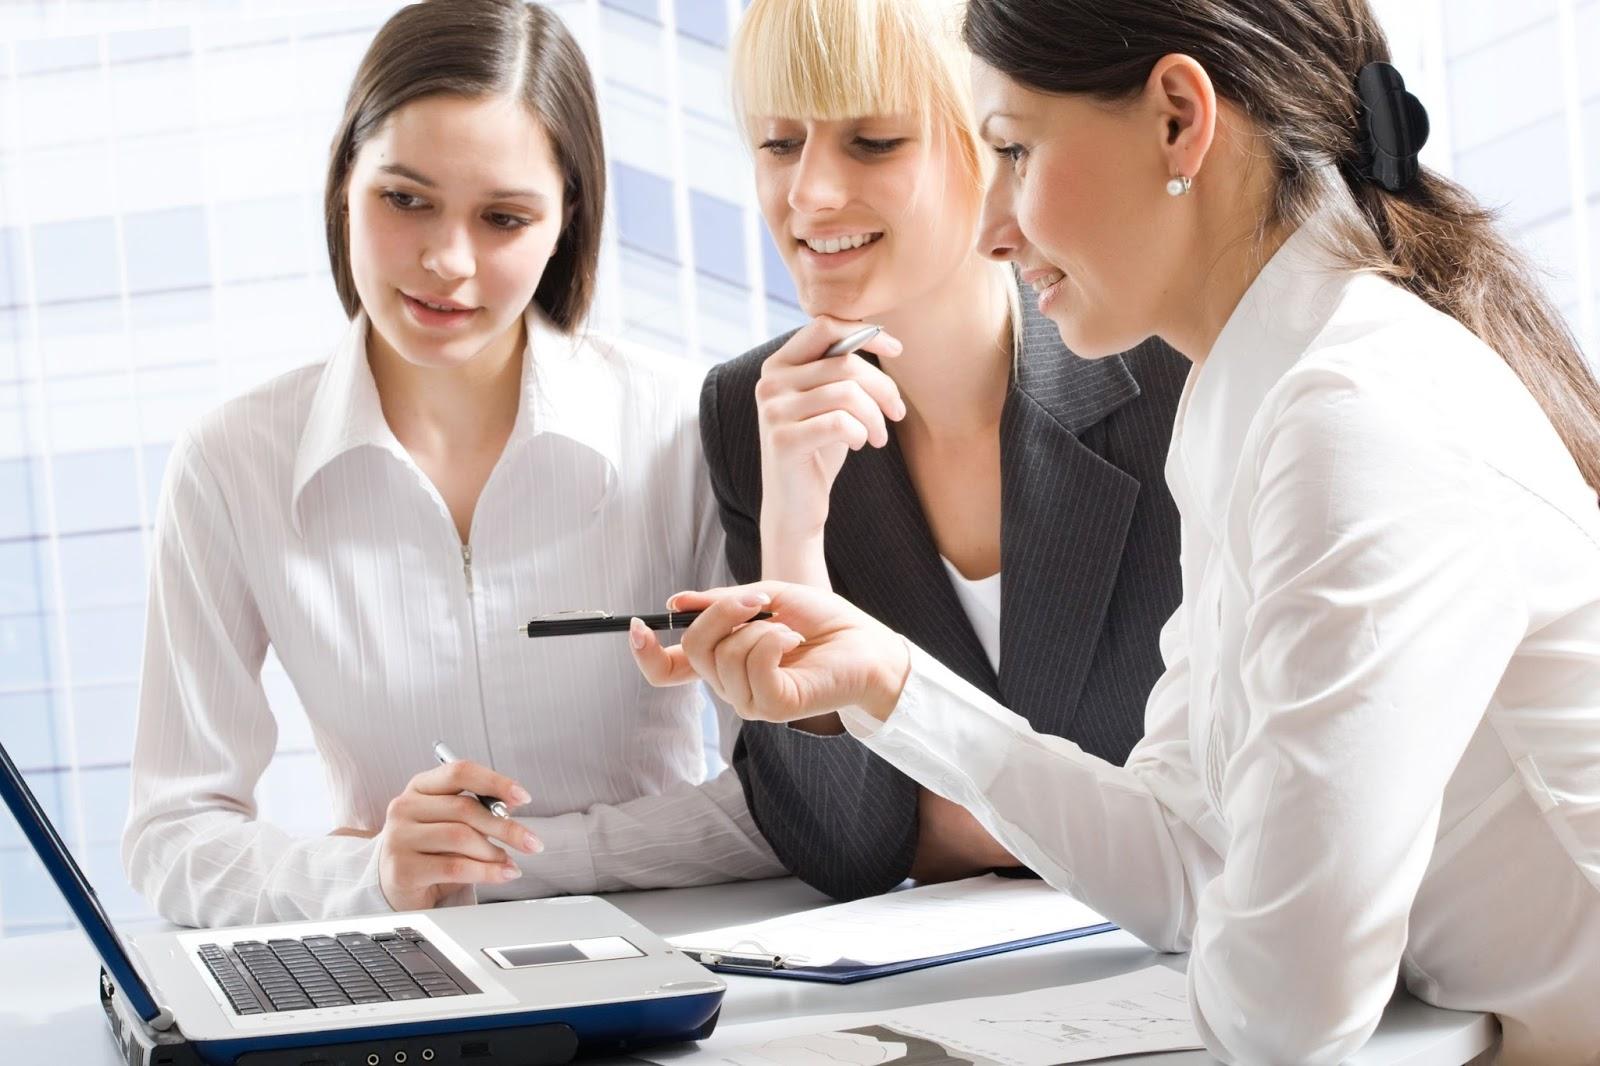 Sudahkah Usaha Anda Menjadi Bisnis Online Terpercaya?